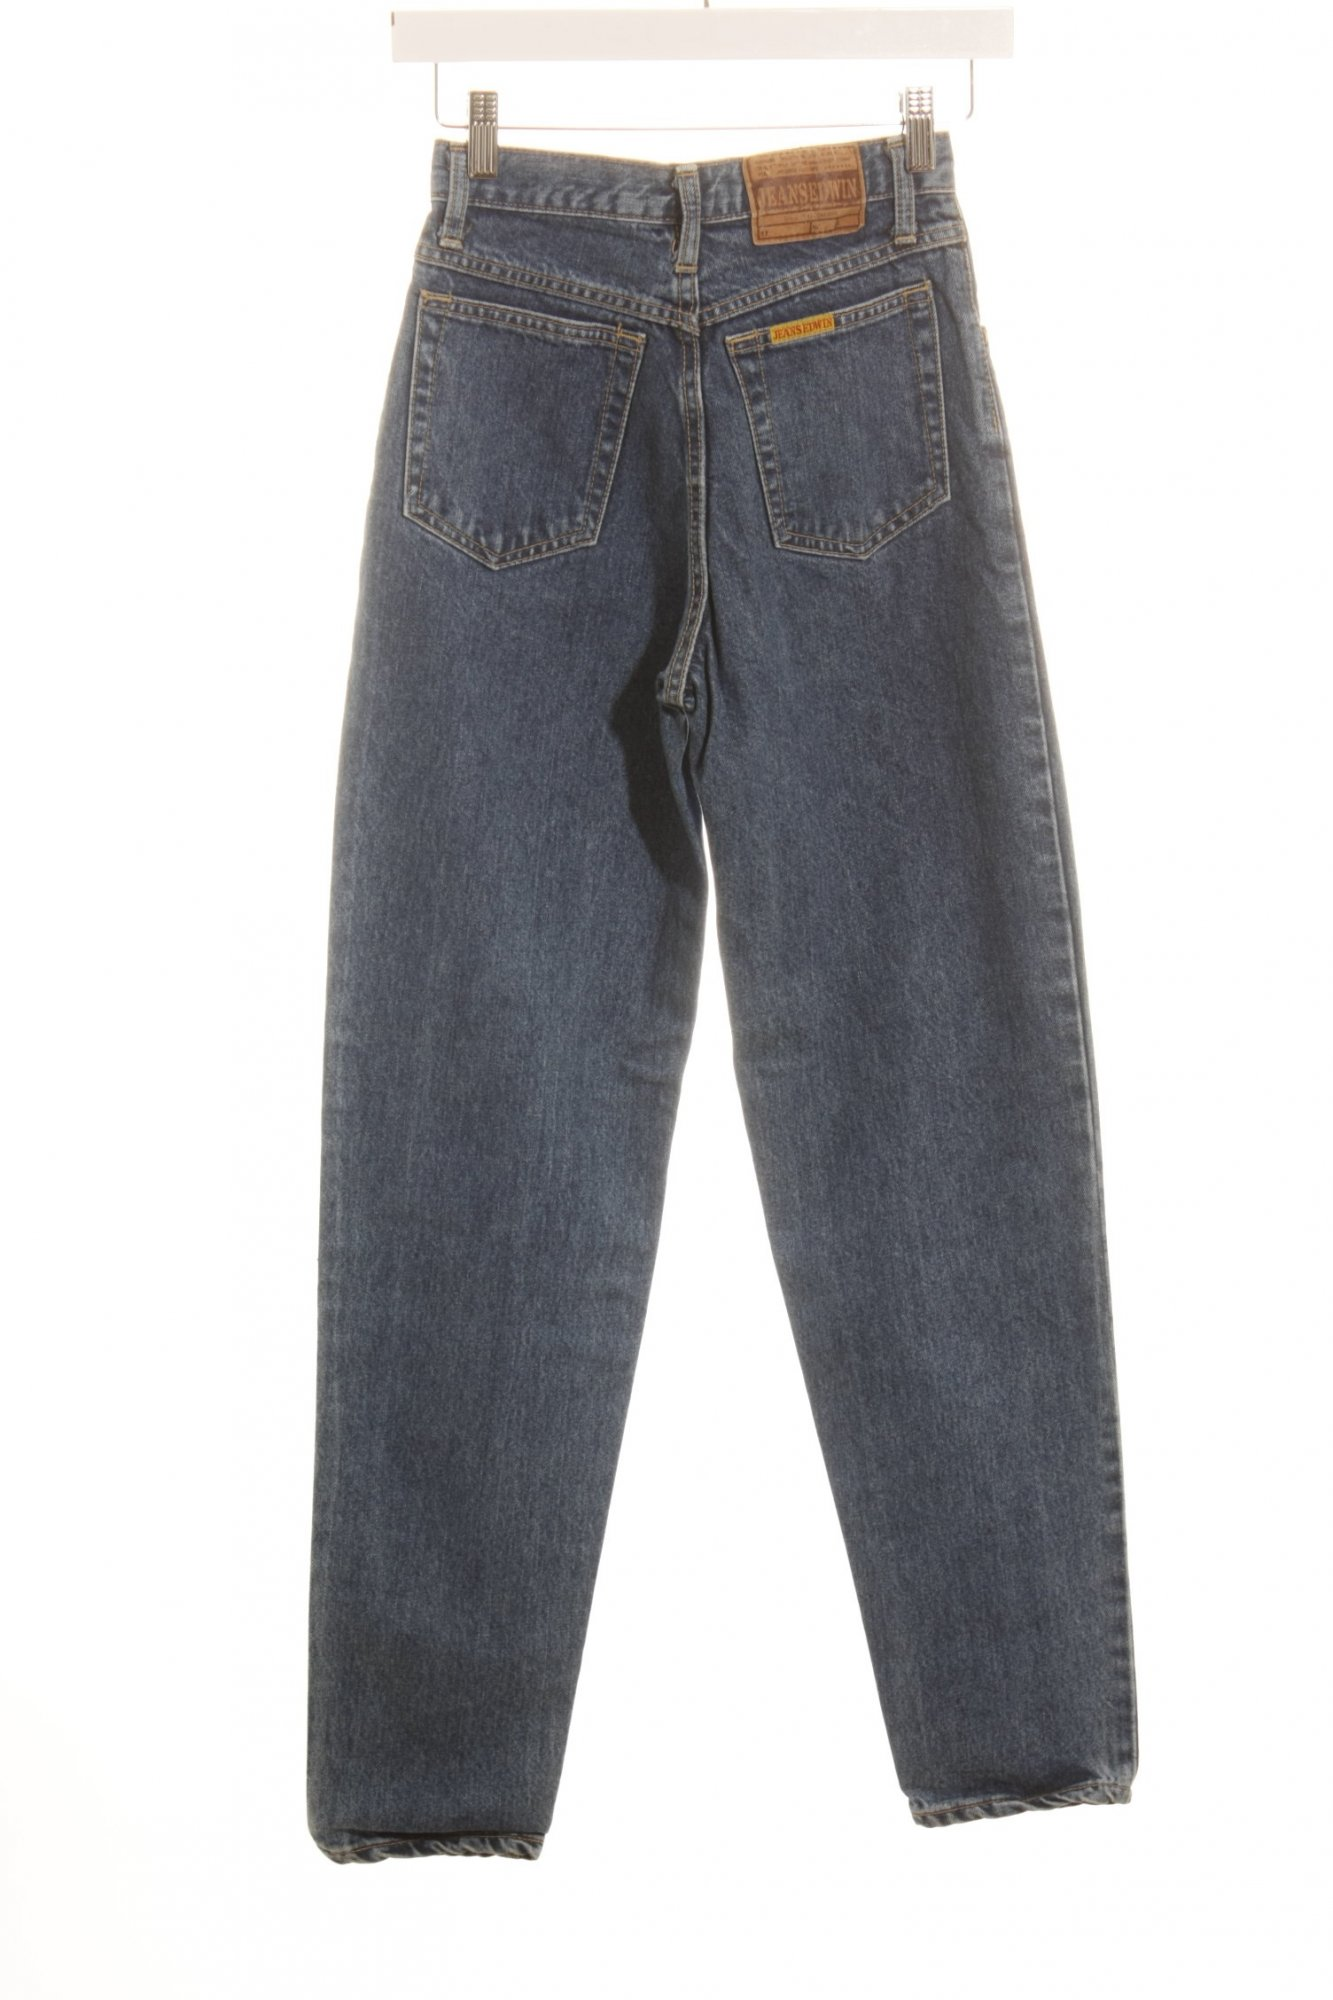 EDWIN-Jeans-taille-haute-bleu-style-decontracte-Dames-T-36-coton